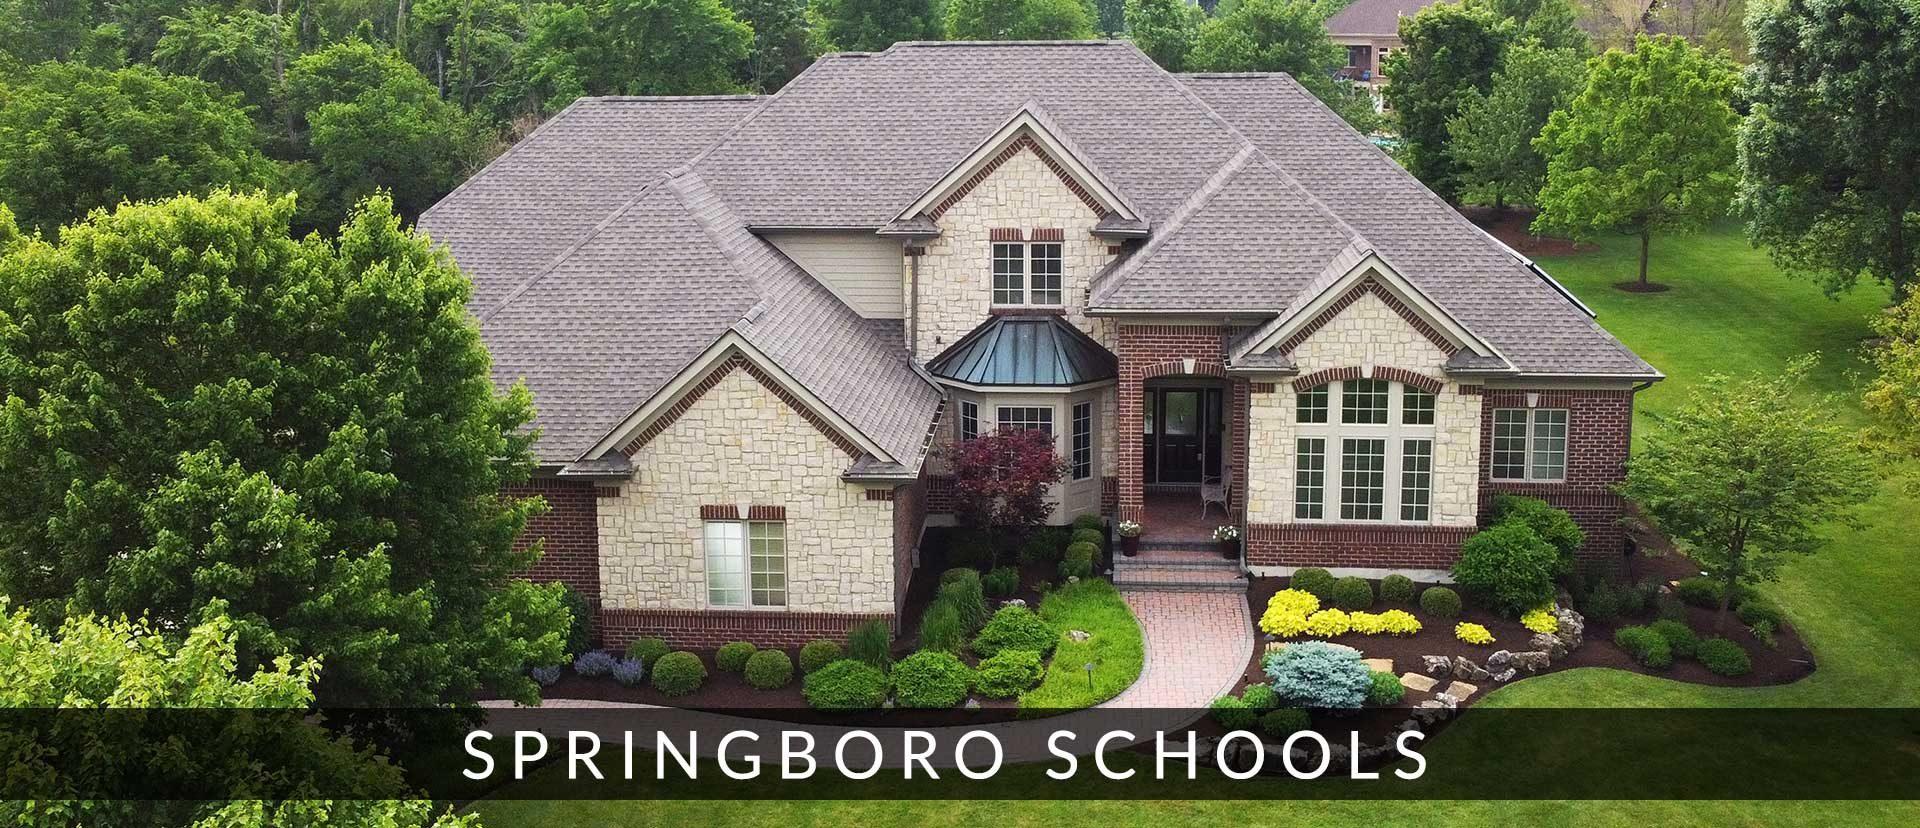 Springboro homes for sale